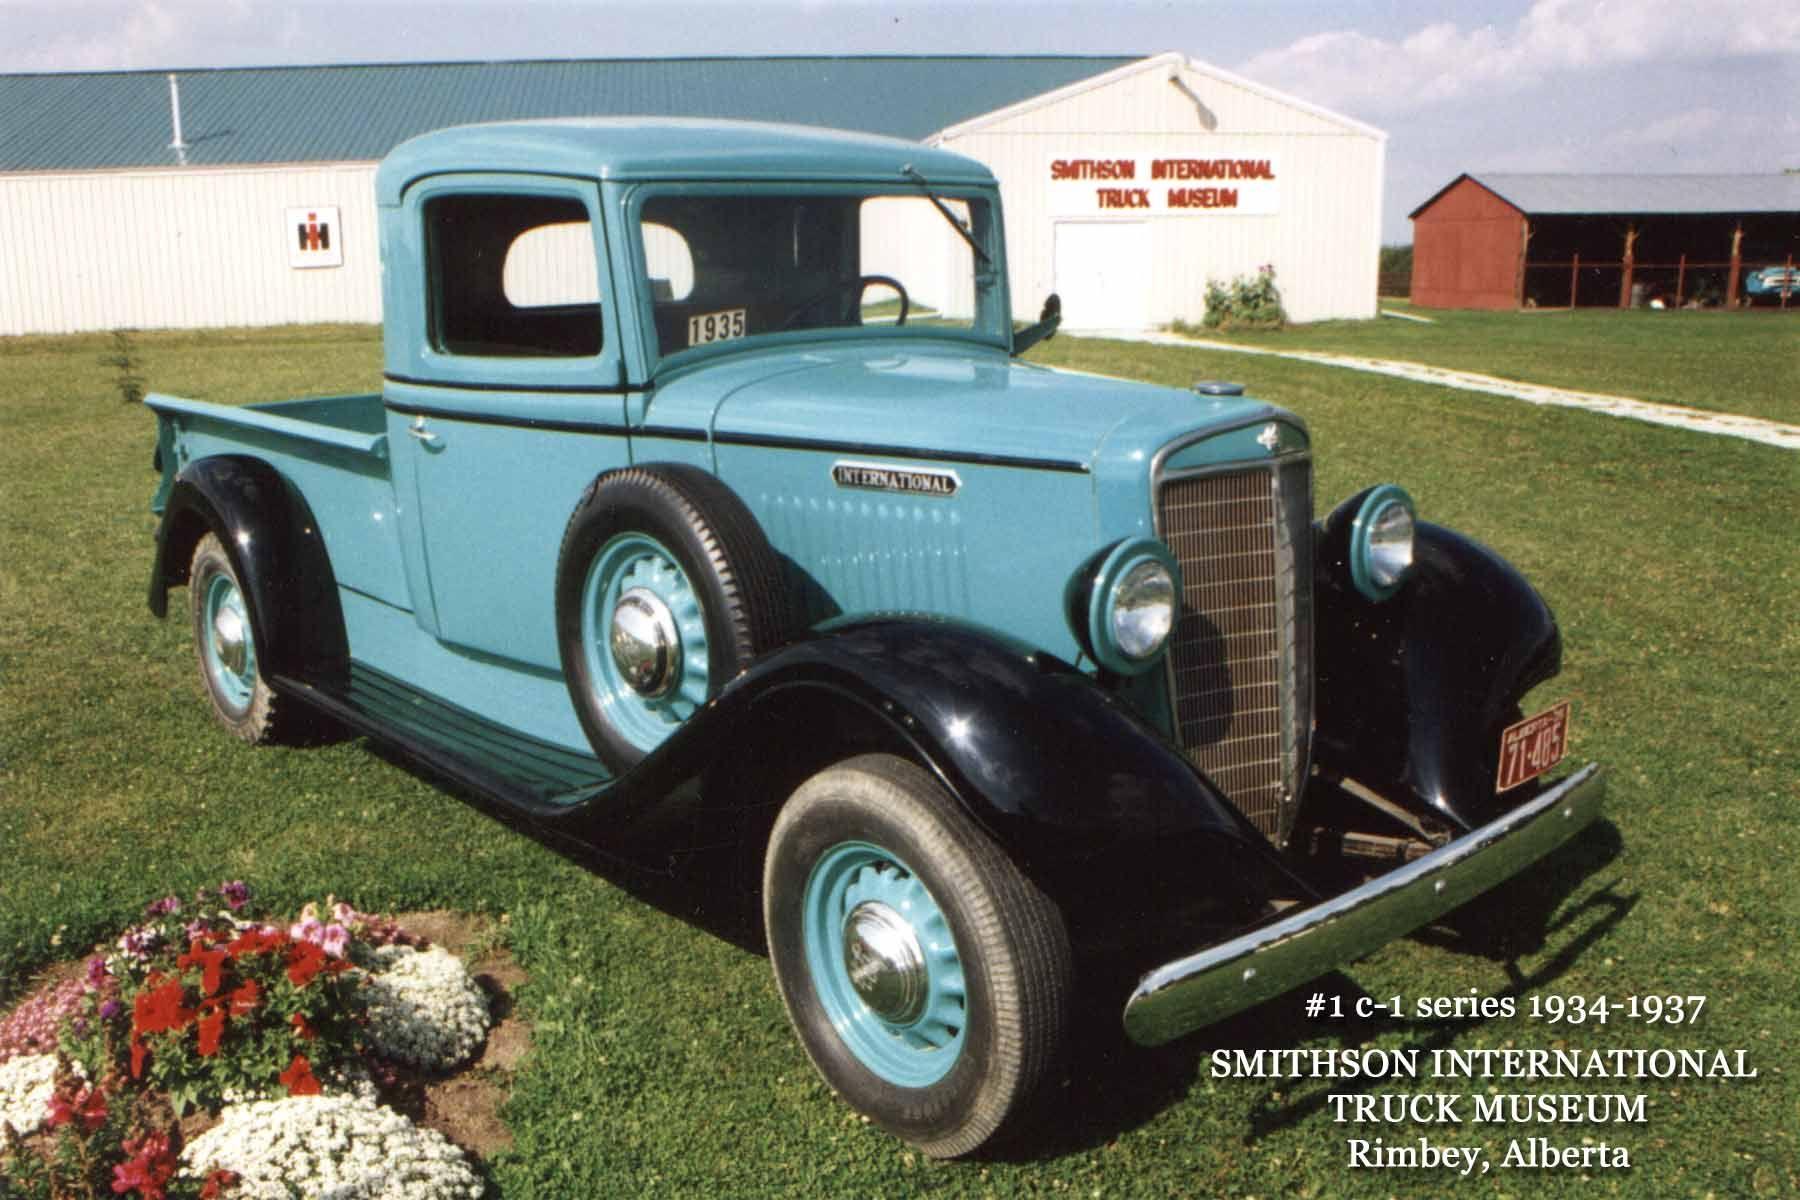 1935 International Truck International truck, Antique